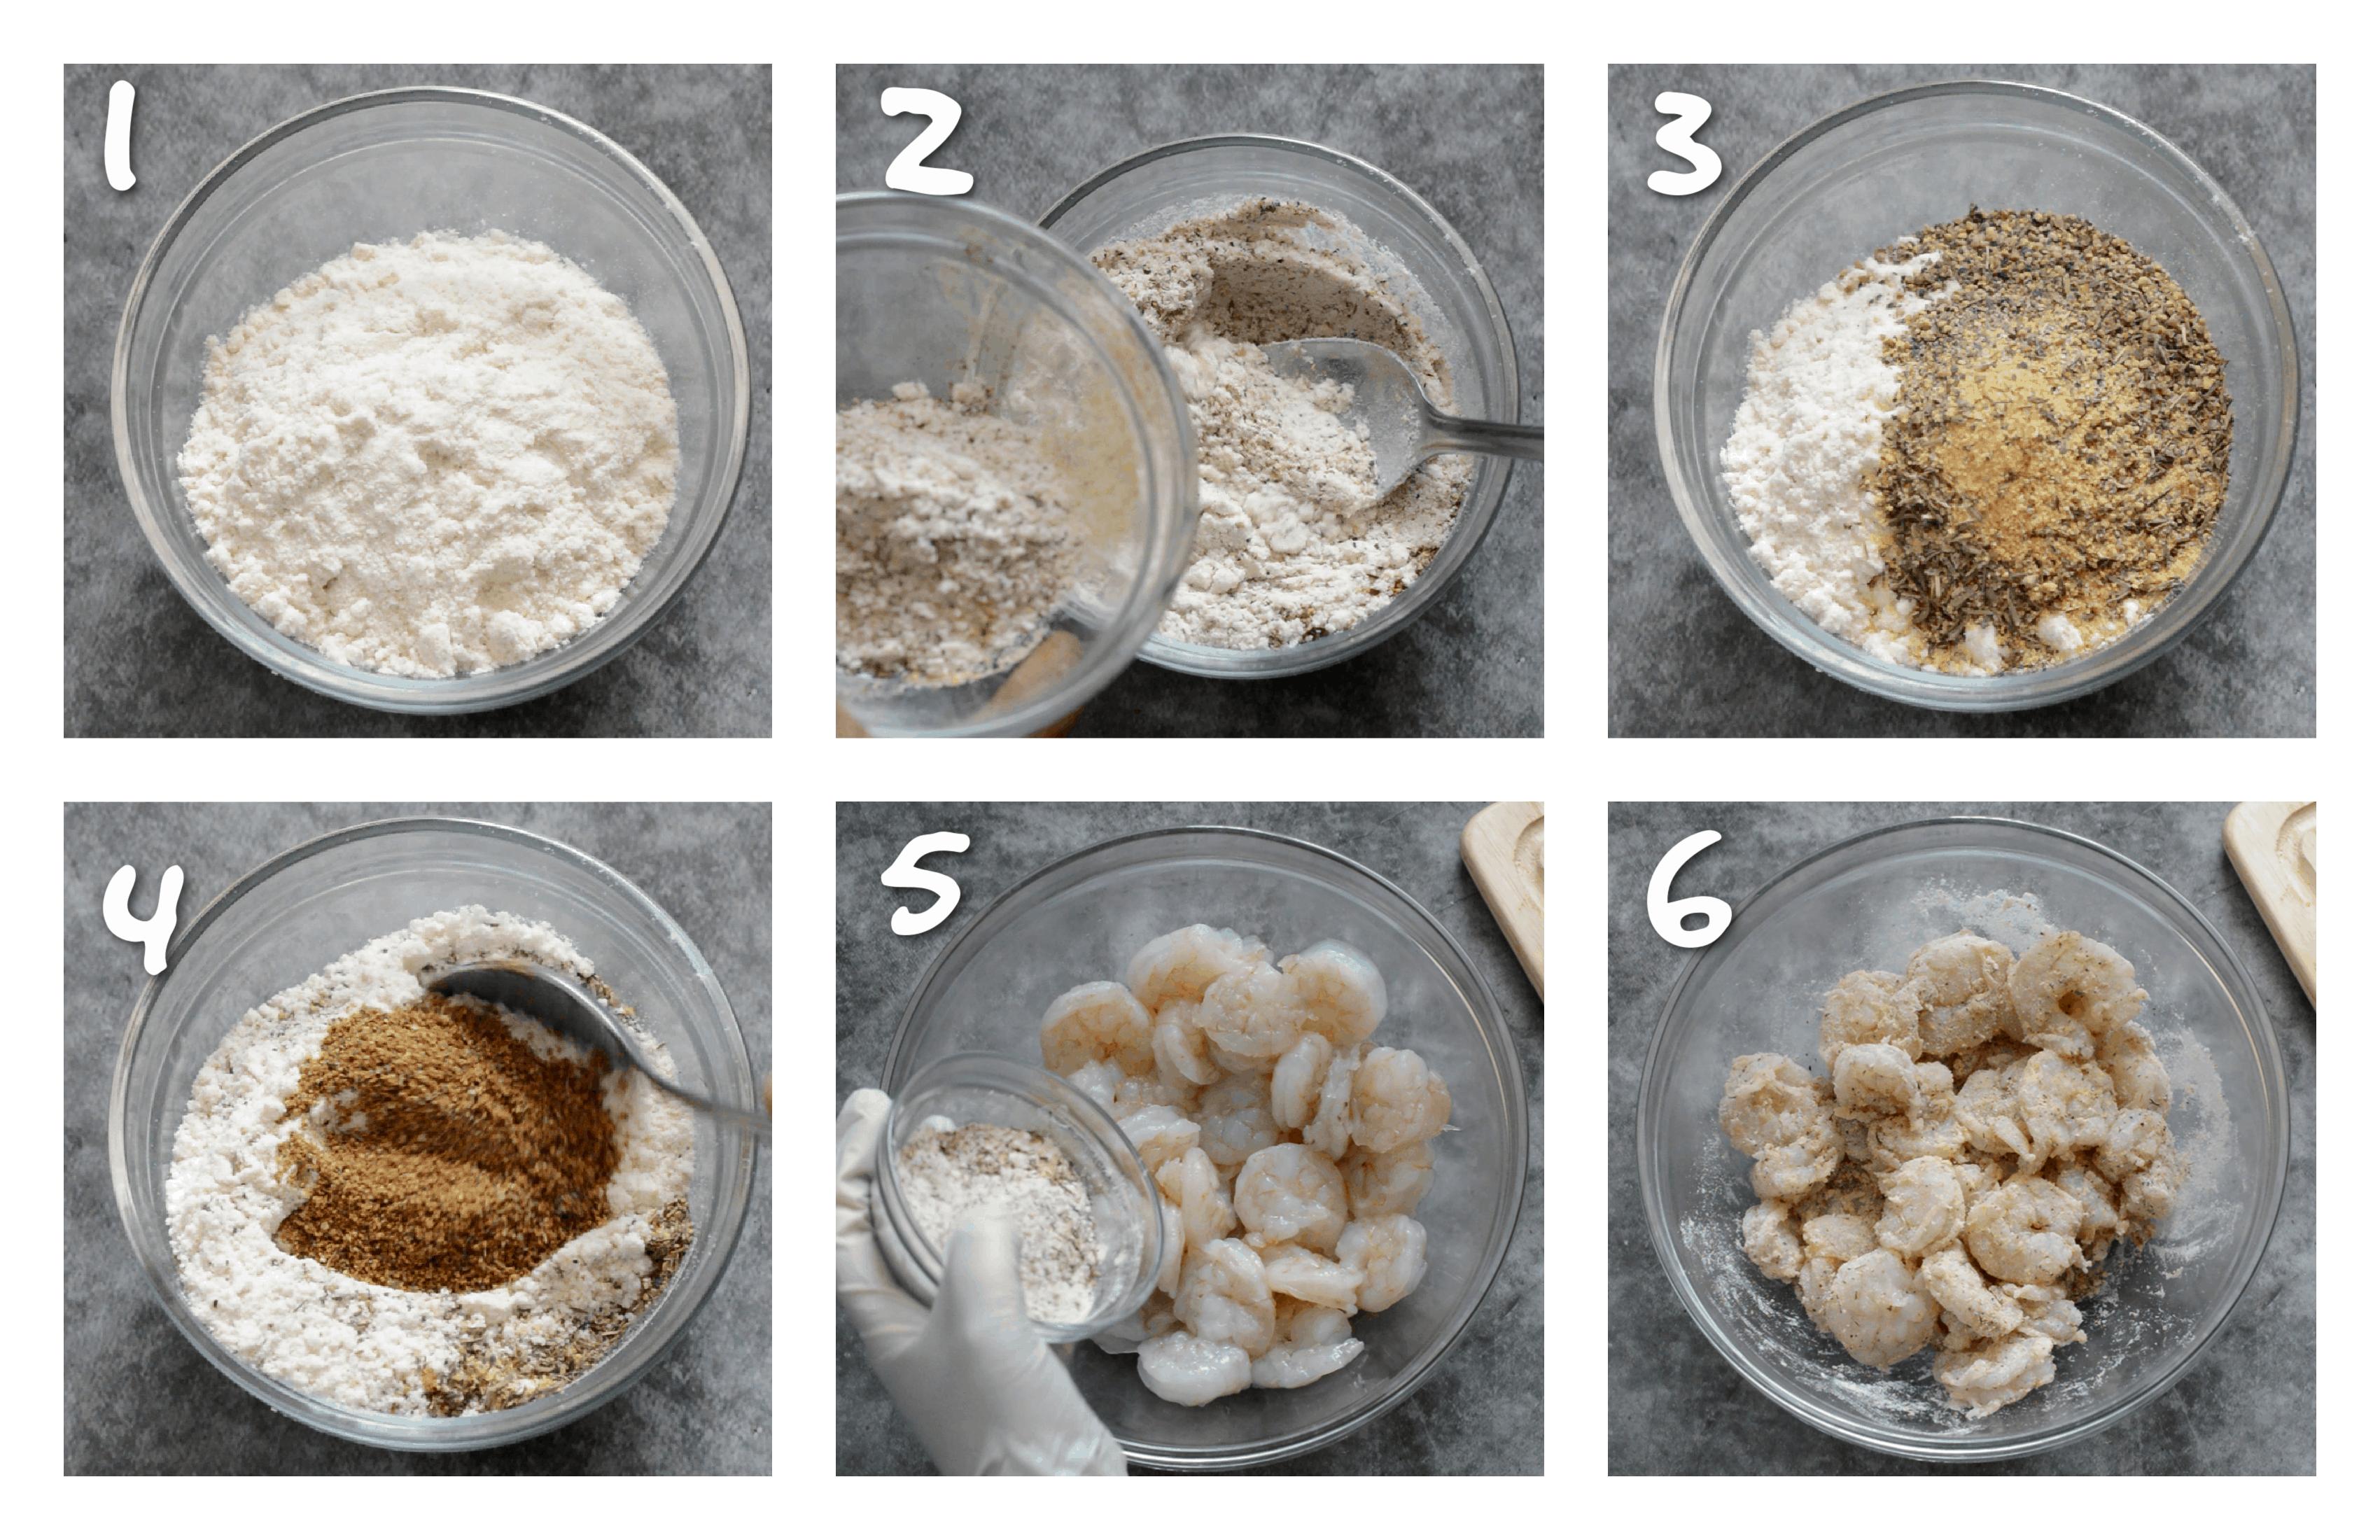 steps1-6 how to prepare the shrimp